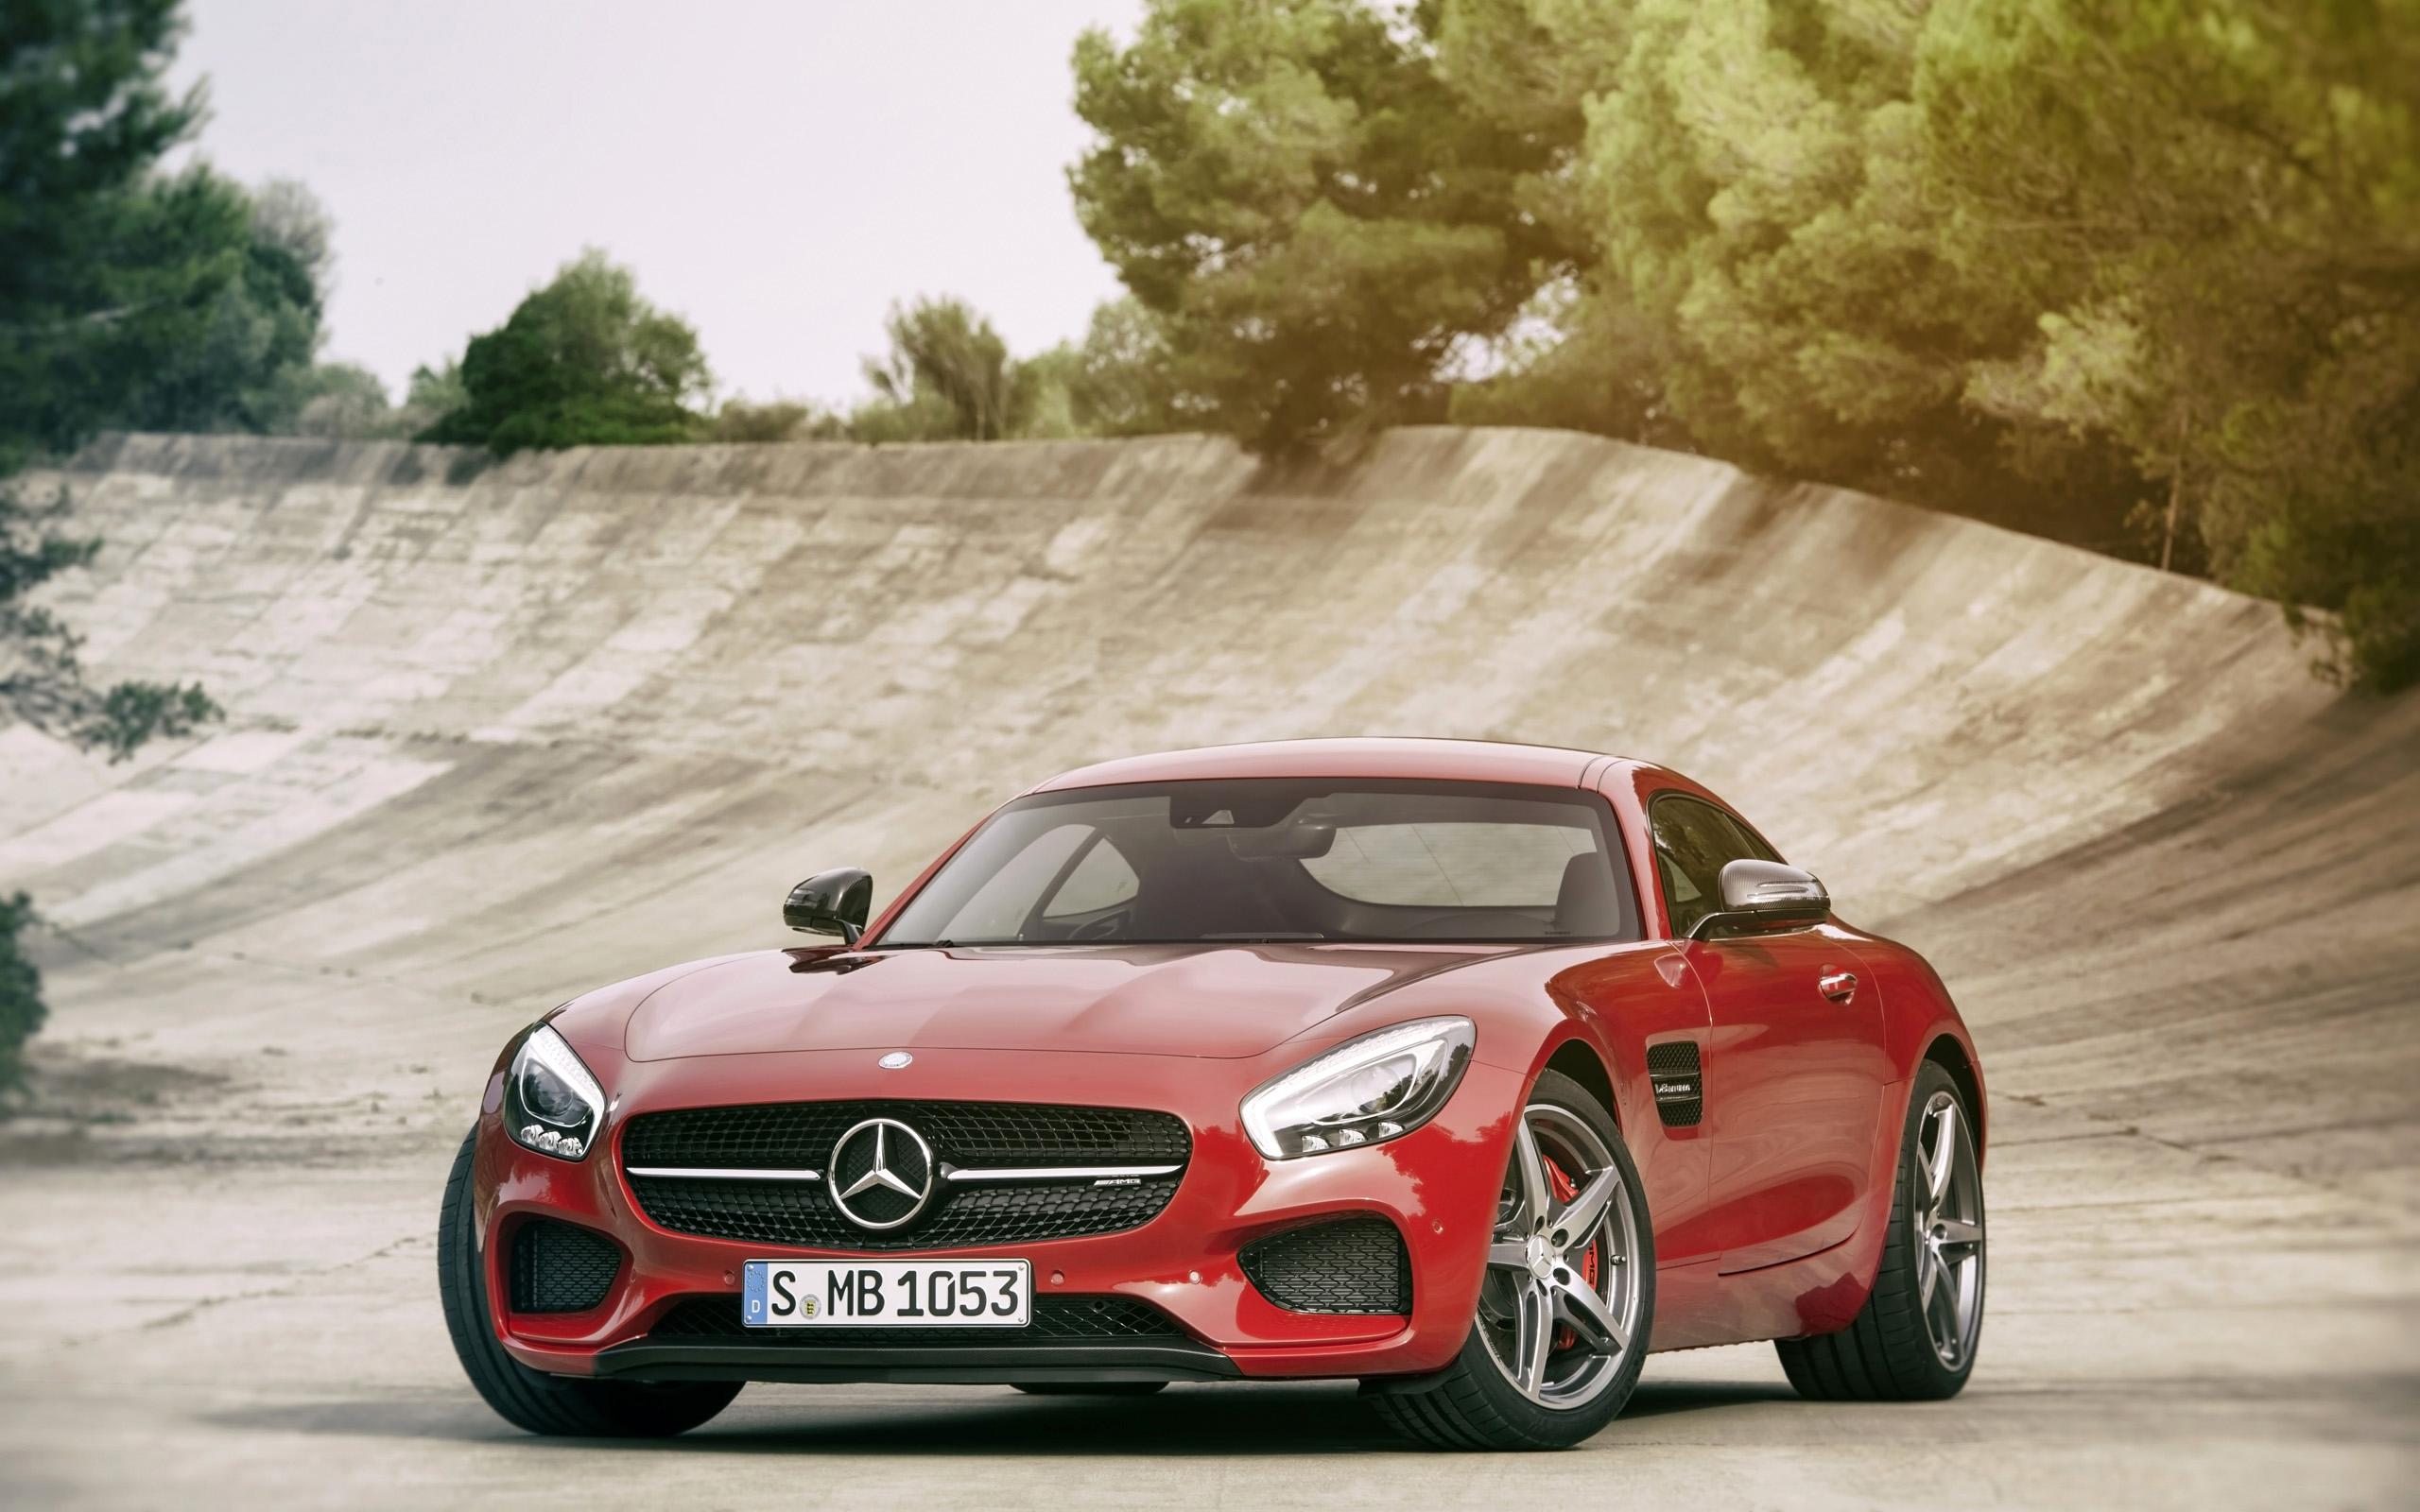 Mercedes AMG Wallpaper HD 2560x1600